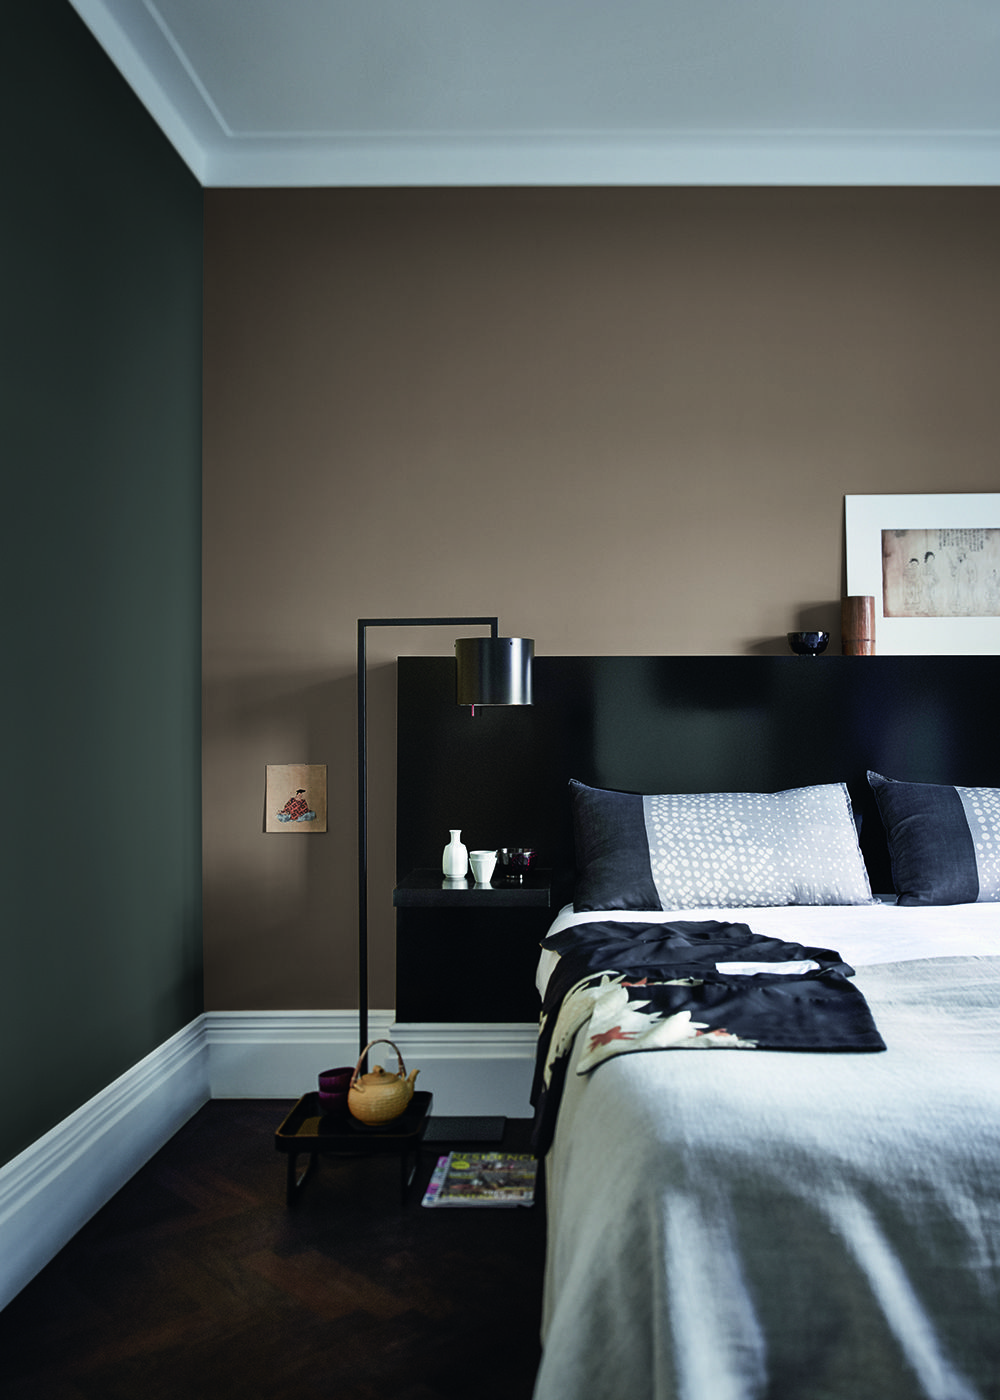 Beroemd Slaapkamer met Flexa Creations kleuren: Industrial Grey, Authentic &YD39